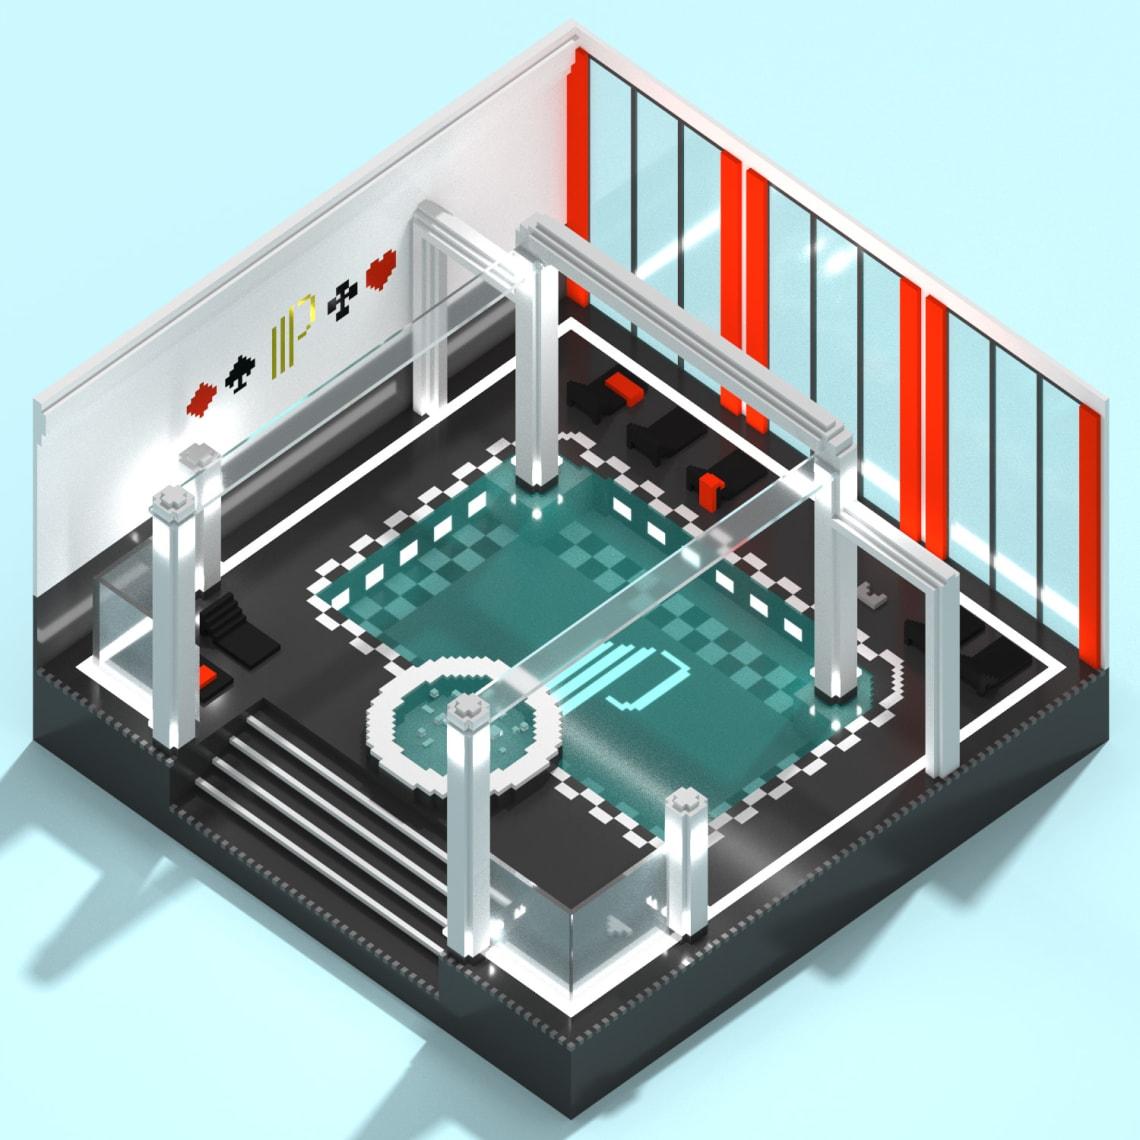 Jeu Instagram - Casinos Partouche Conception,Direction Artistique,Illustration,3D,Voxel